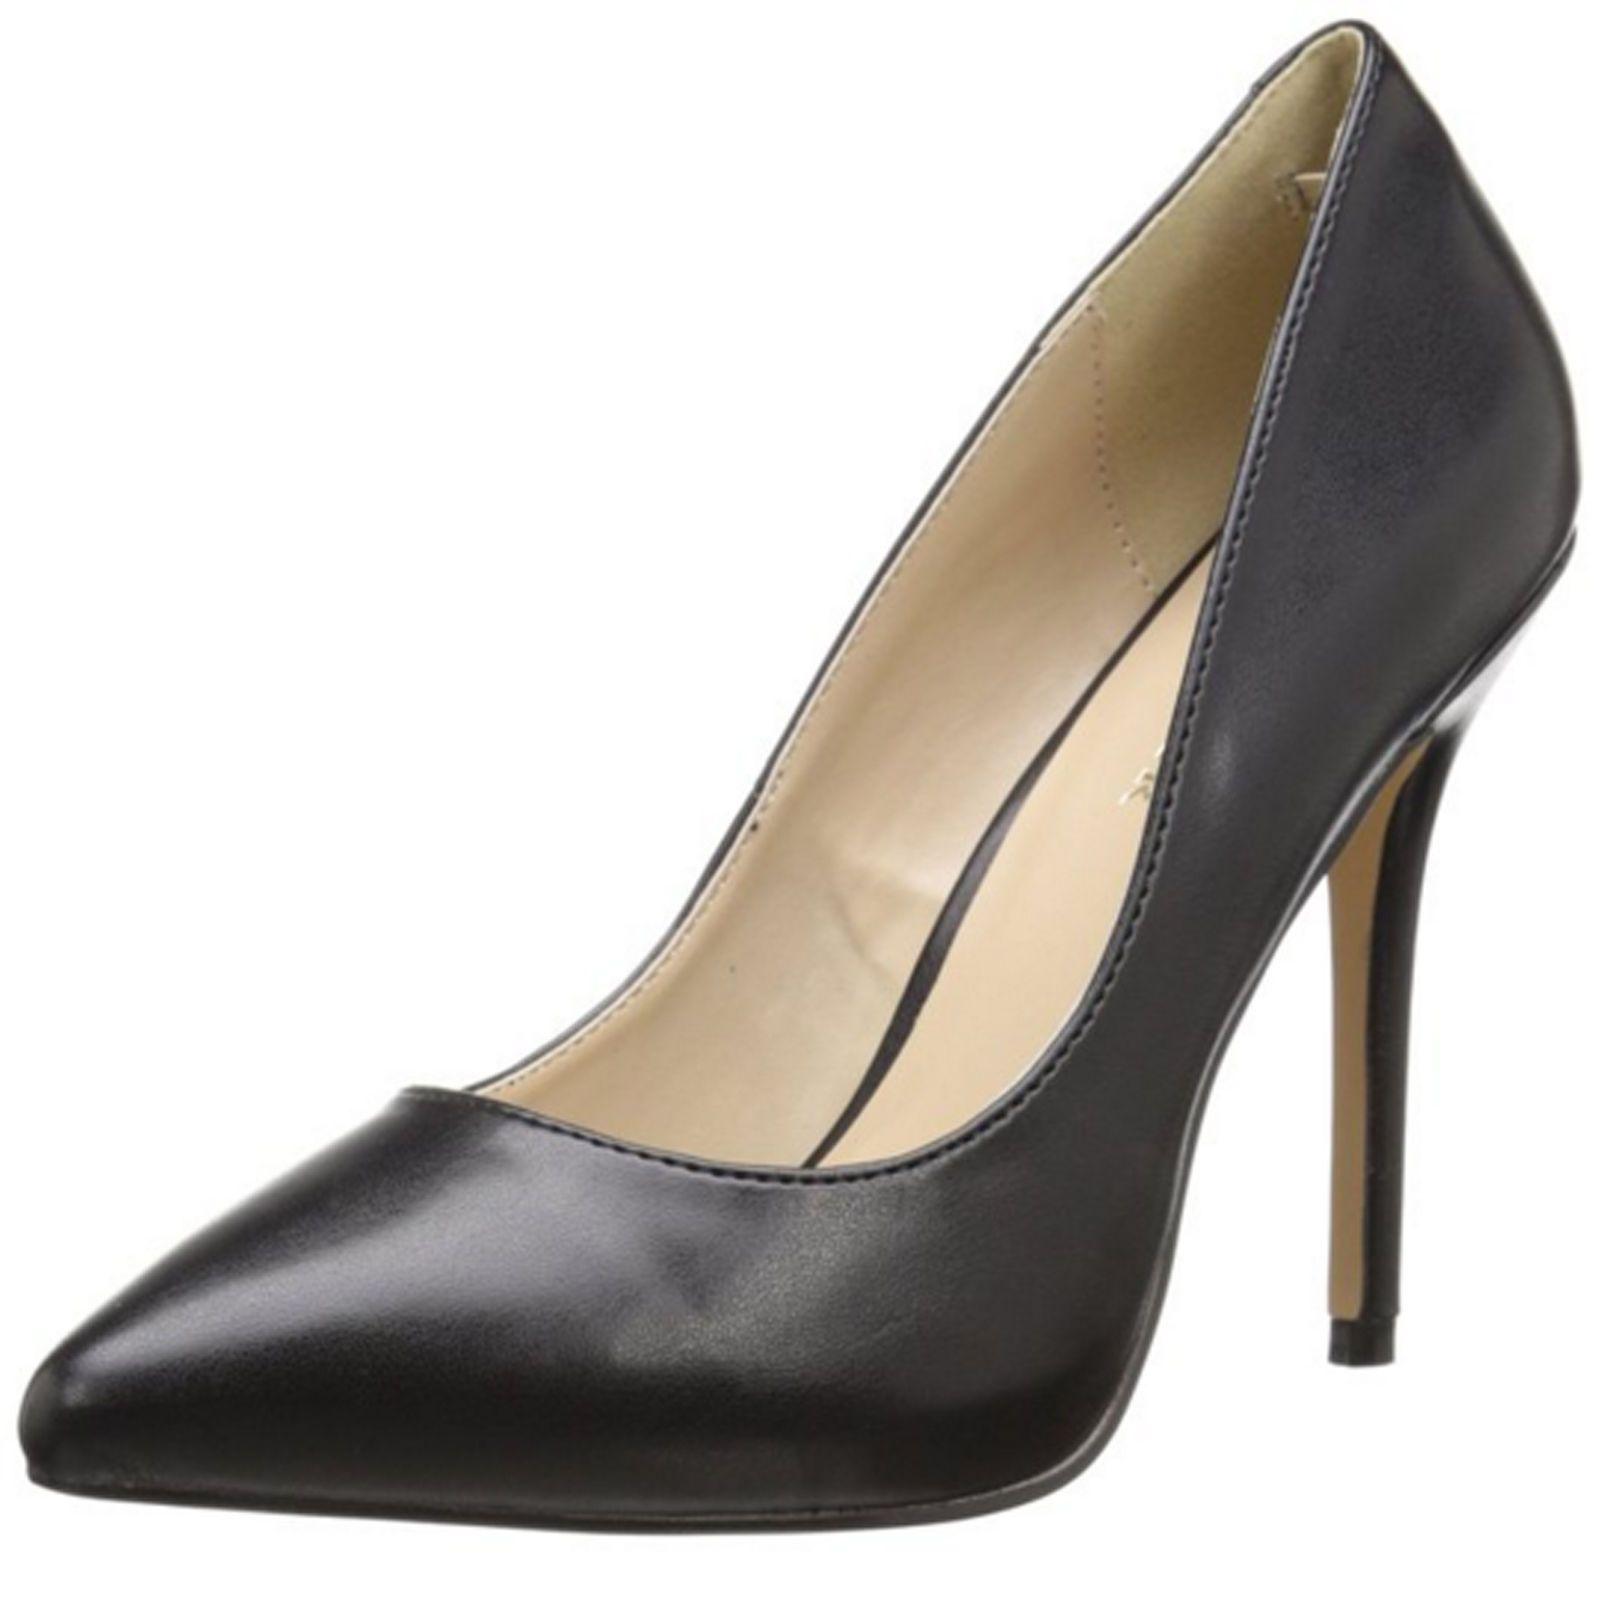 0a5236aa341 Pleaser High Heel Classic Pump Hidden Platform Stiletto Shoes Amuse-20  Black Pu